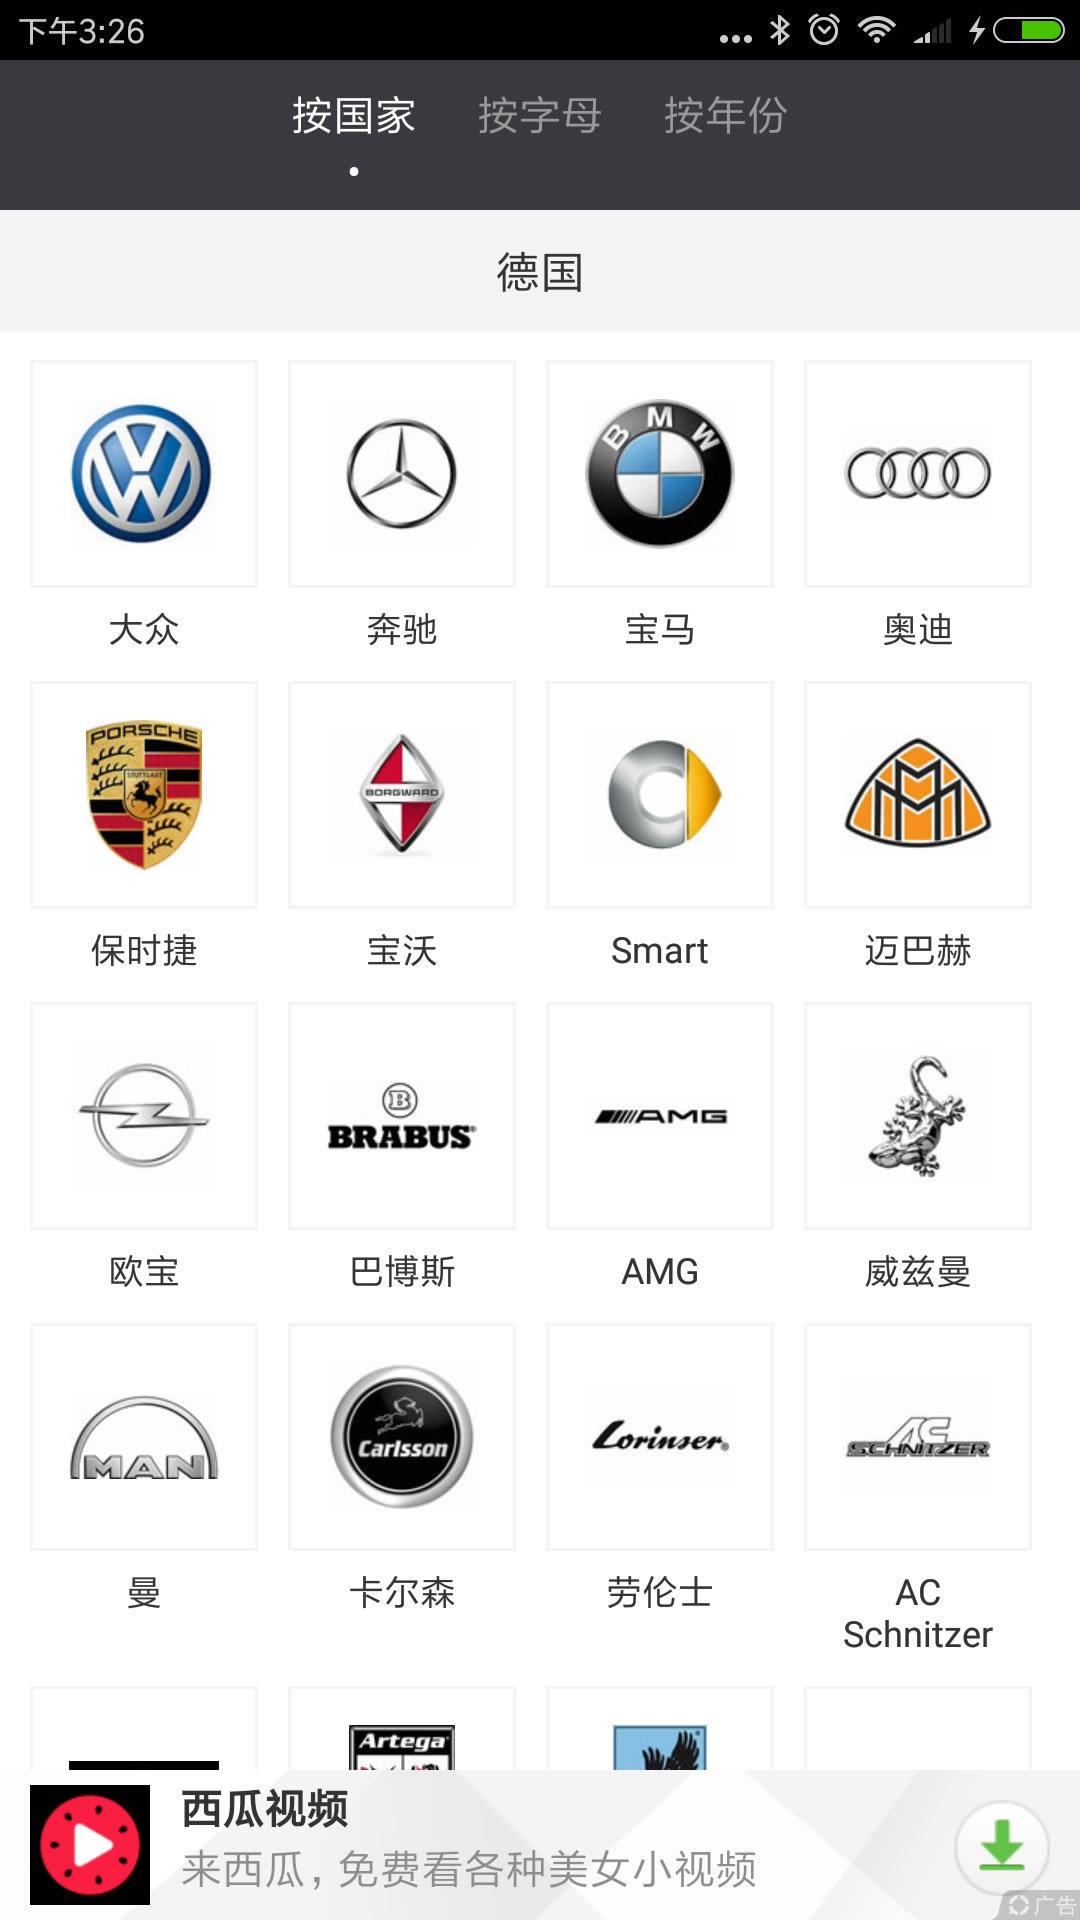 汽车品牌世界-汽车标志大全软件截图1